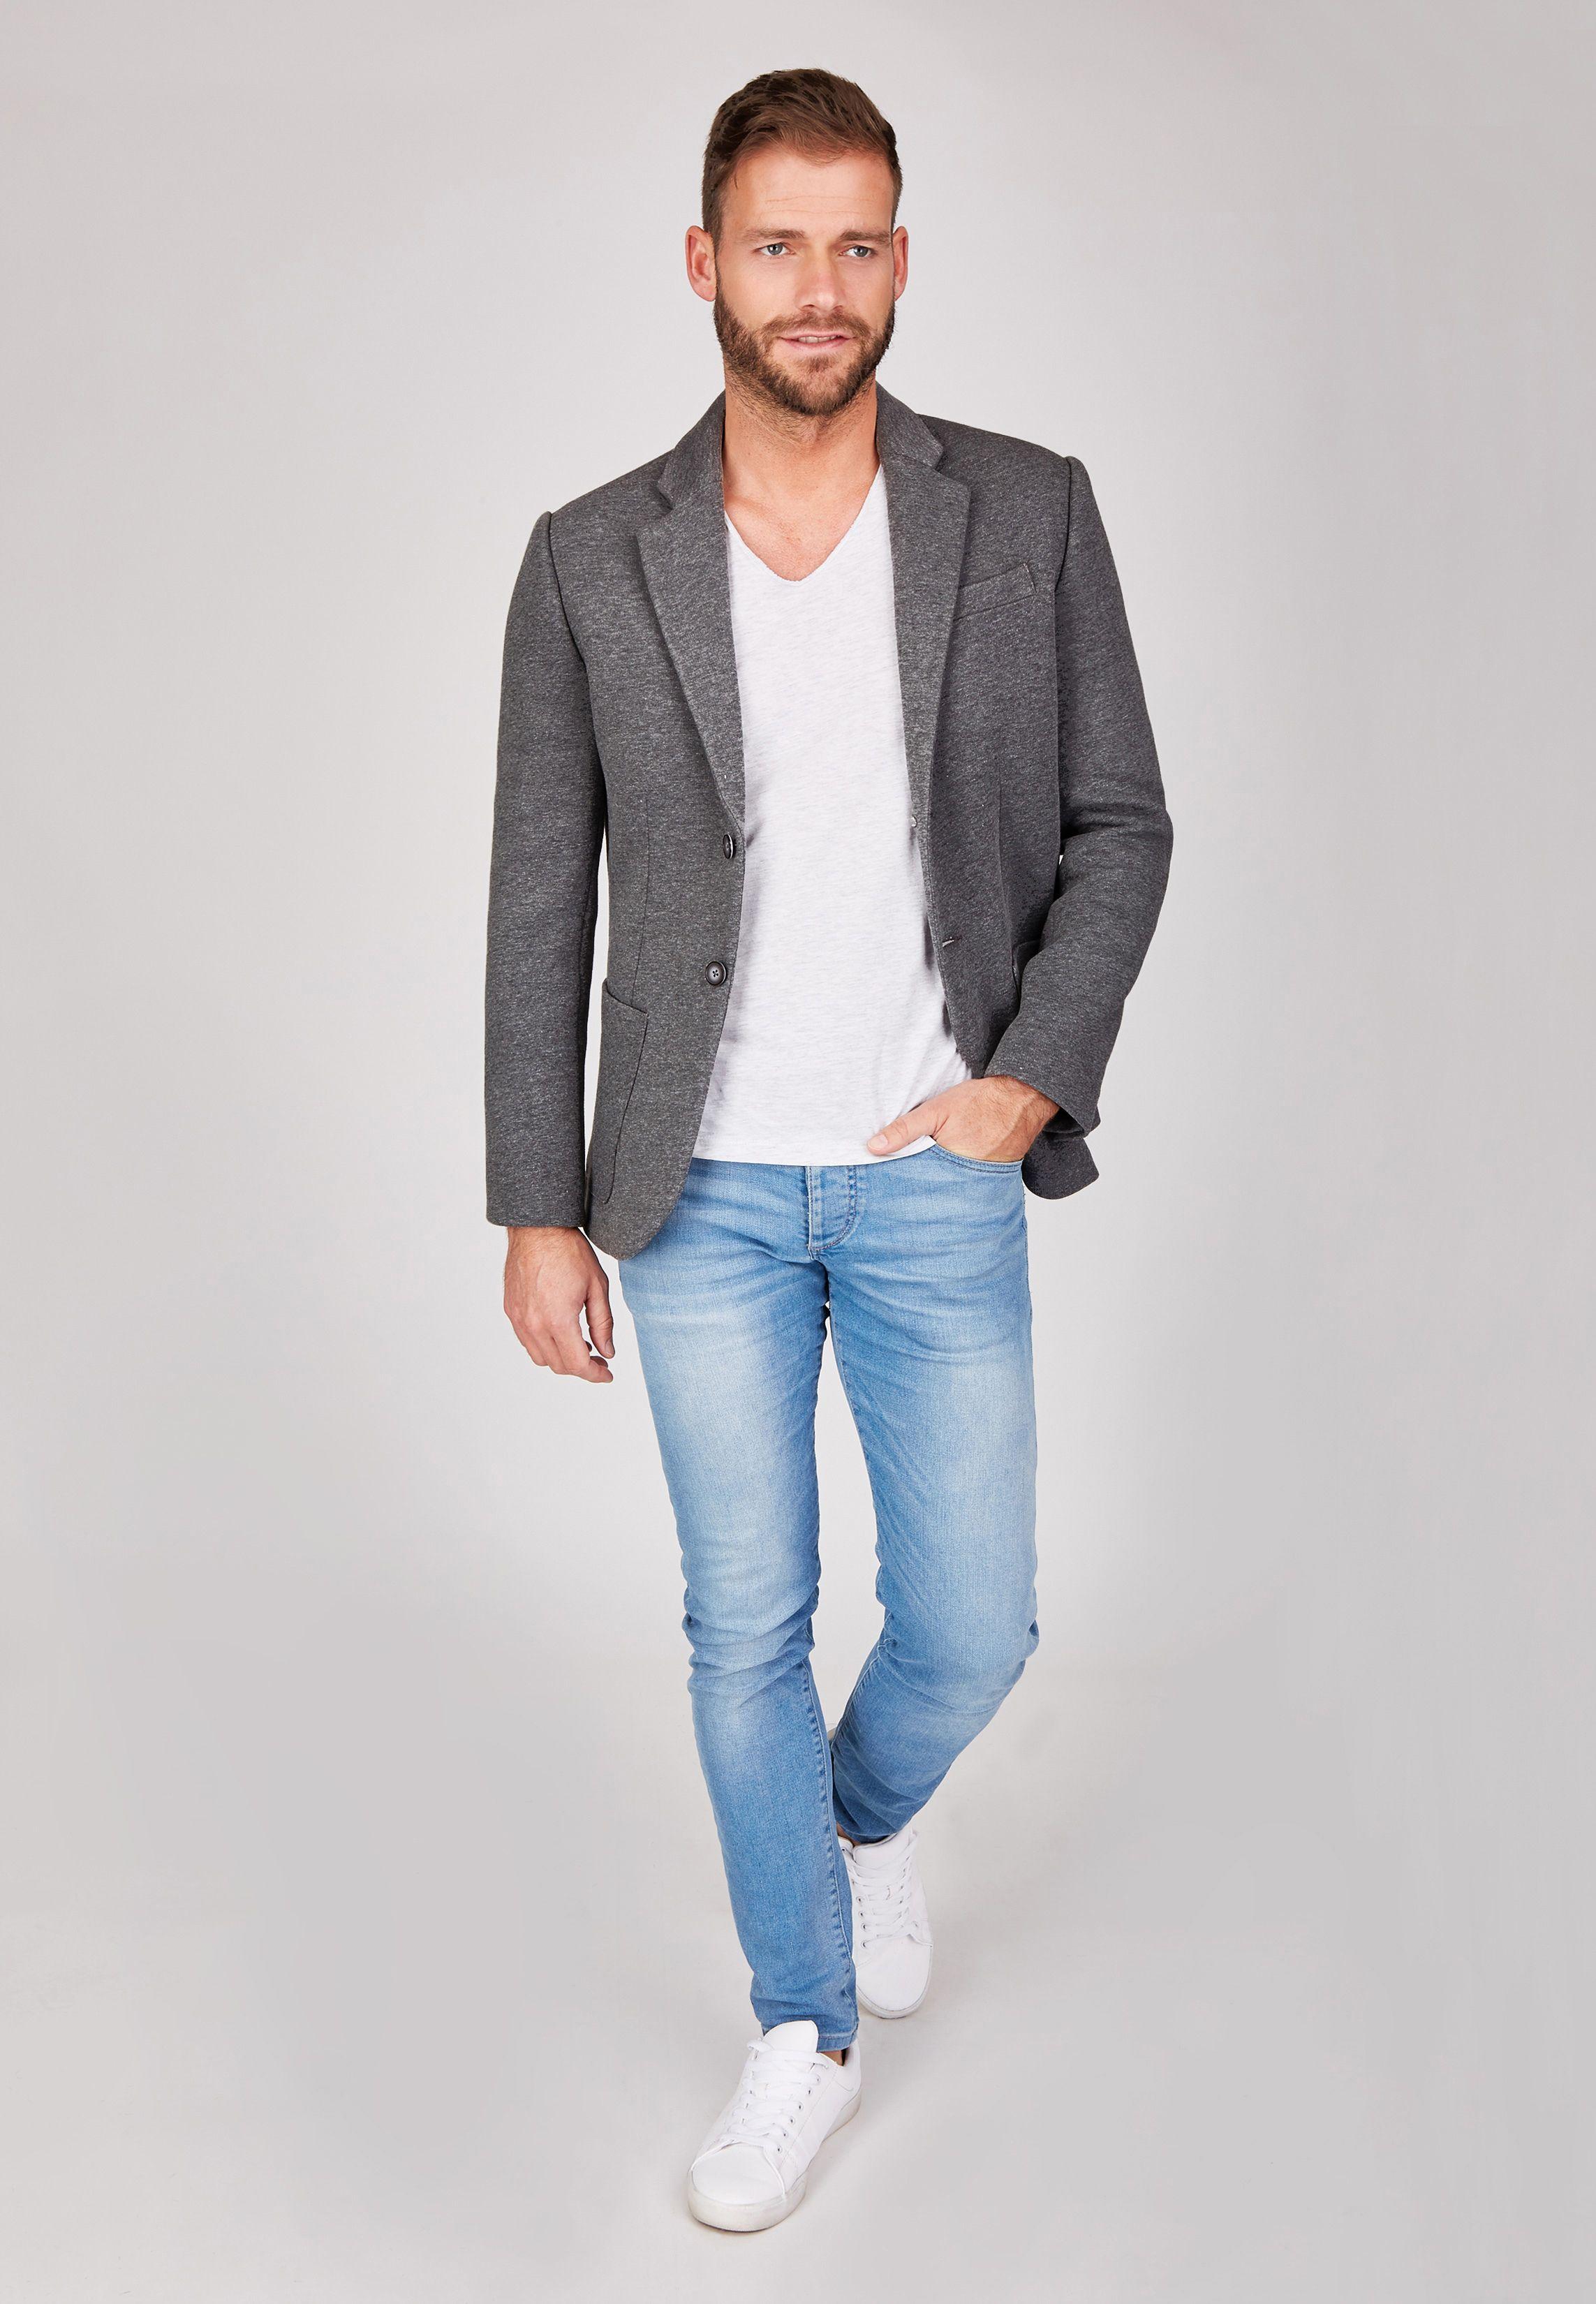 centered herren sakko designer jacket 2 knopf sakko sportlich grau sweatsakko ebay. Black Bedroom Furniture Sets. Home Design Ideas